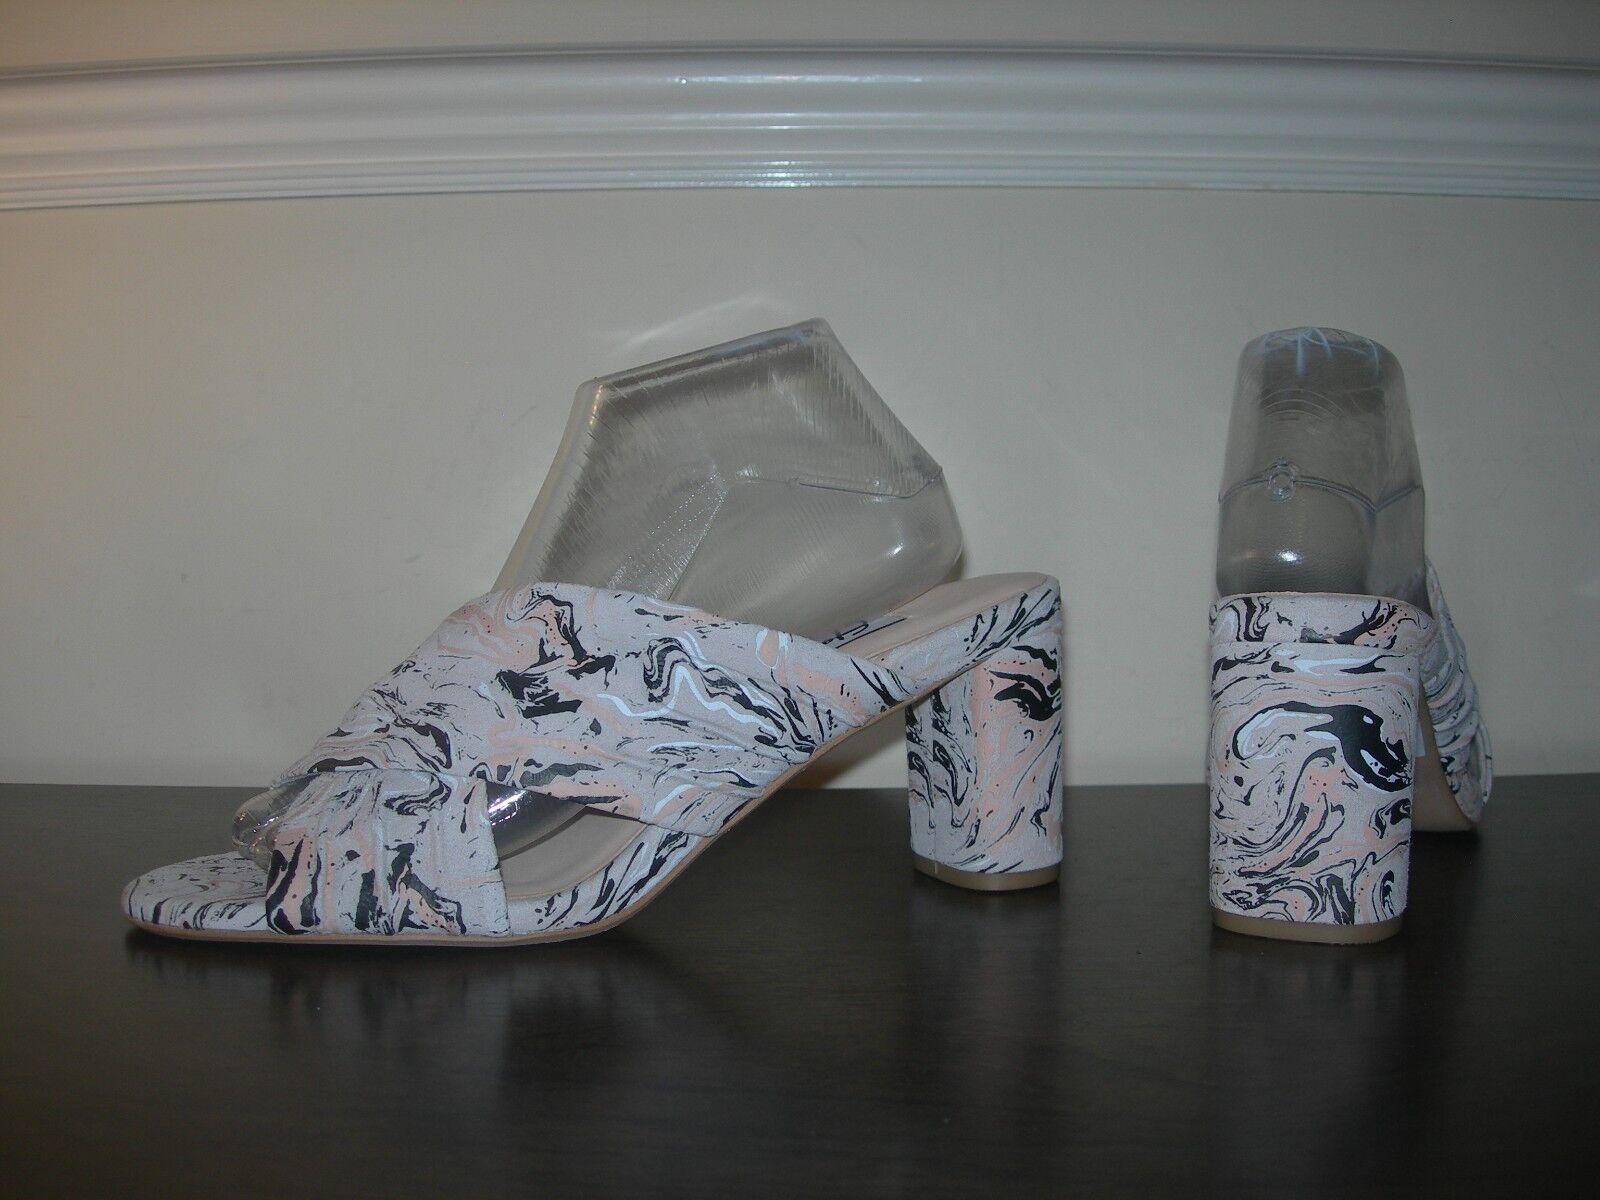 Clarks Scarpe Donna Ciabatte Sandalo in Grigio Motivo